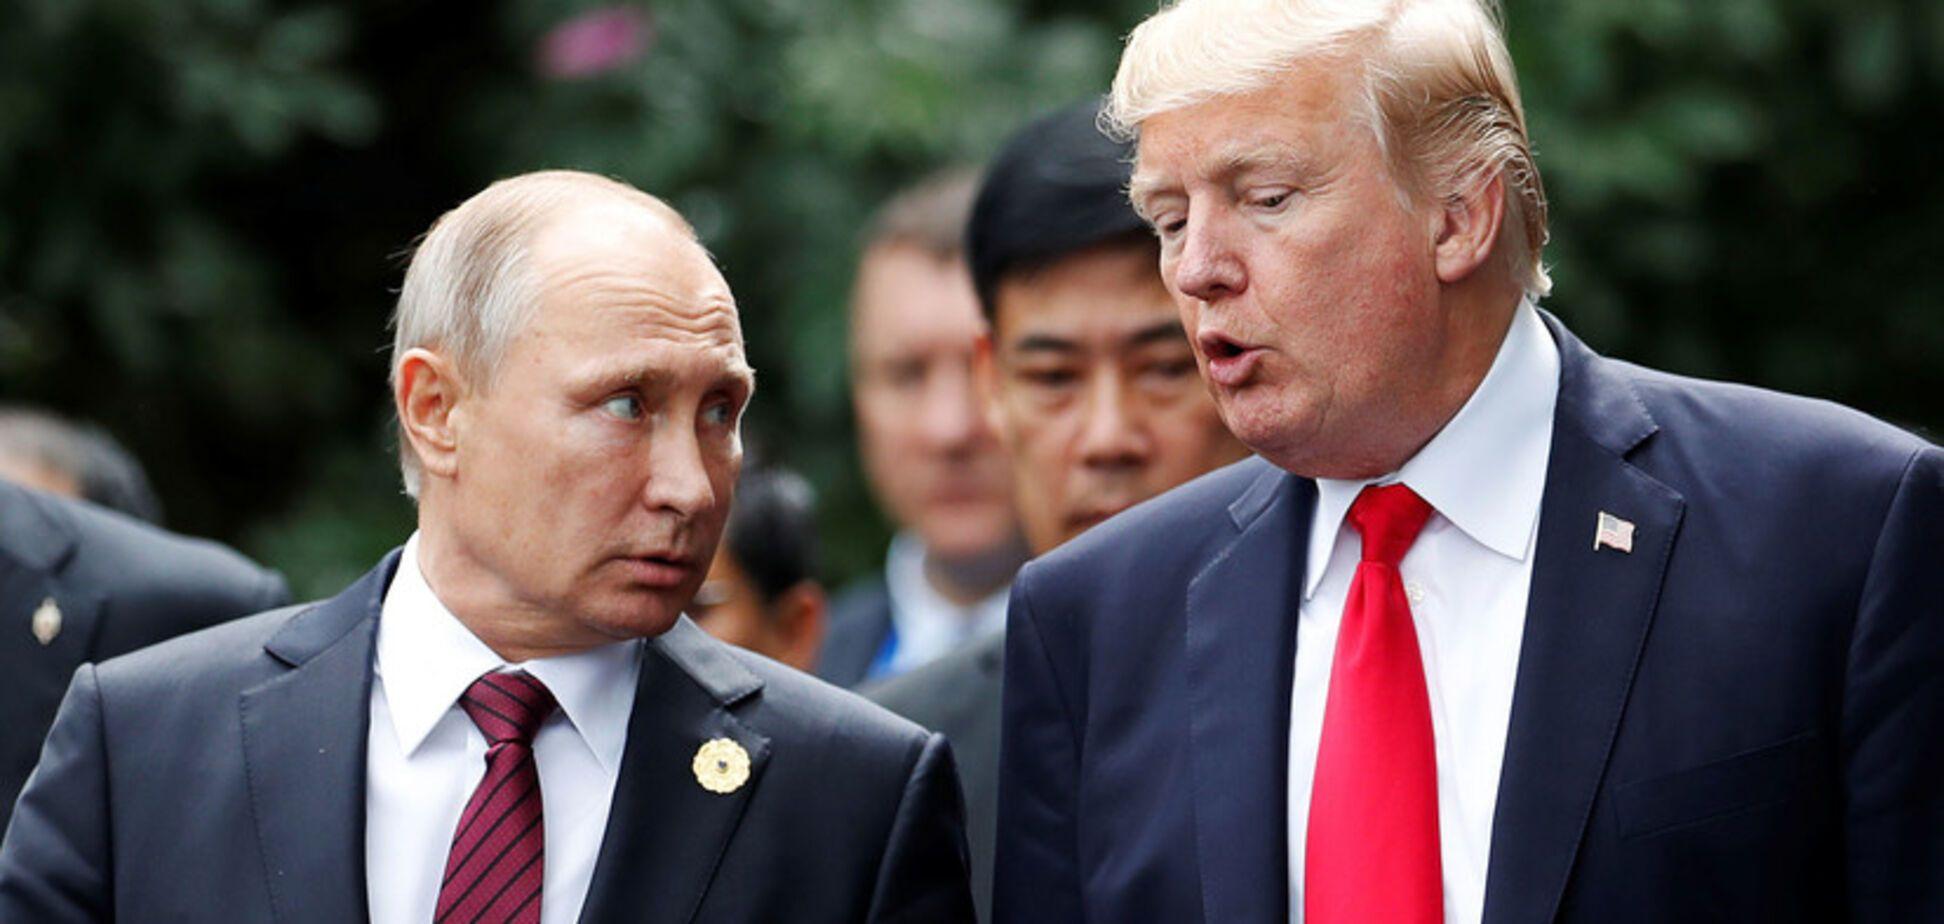 'Вирішиться доля України': міжнародник дав загрозливий прогноз зустрічі Путіна с Трампом